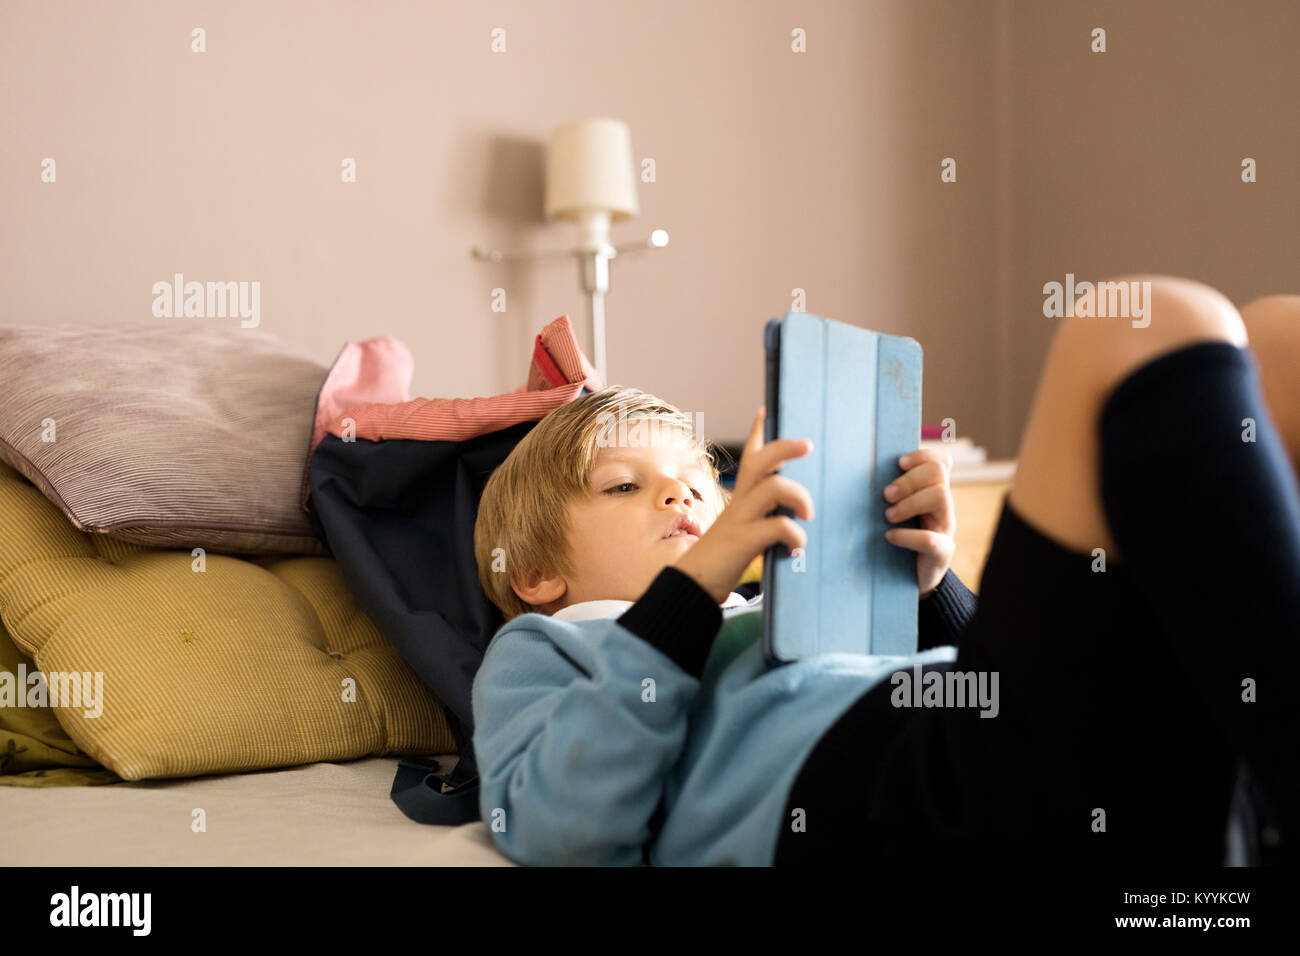 Boy using digital tablet dans la chambre à coucher dans la chambre à coucher Photo Stock